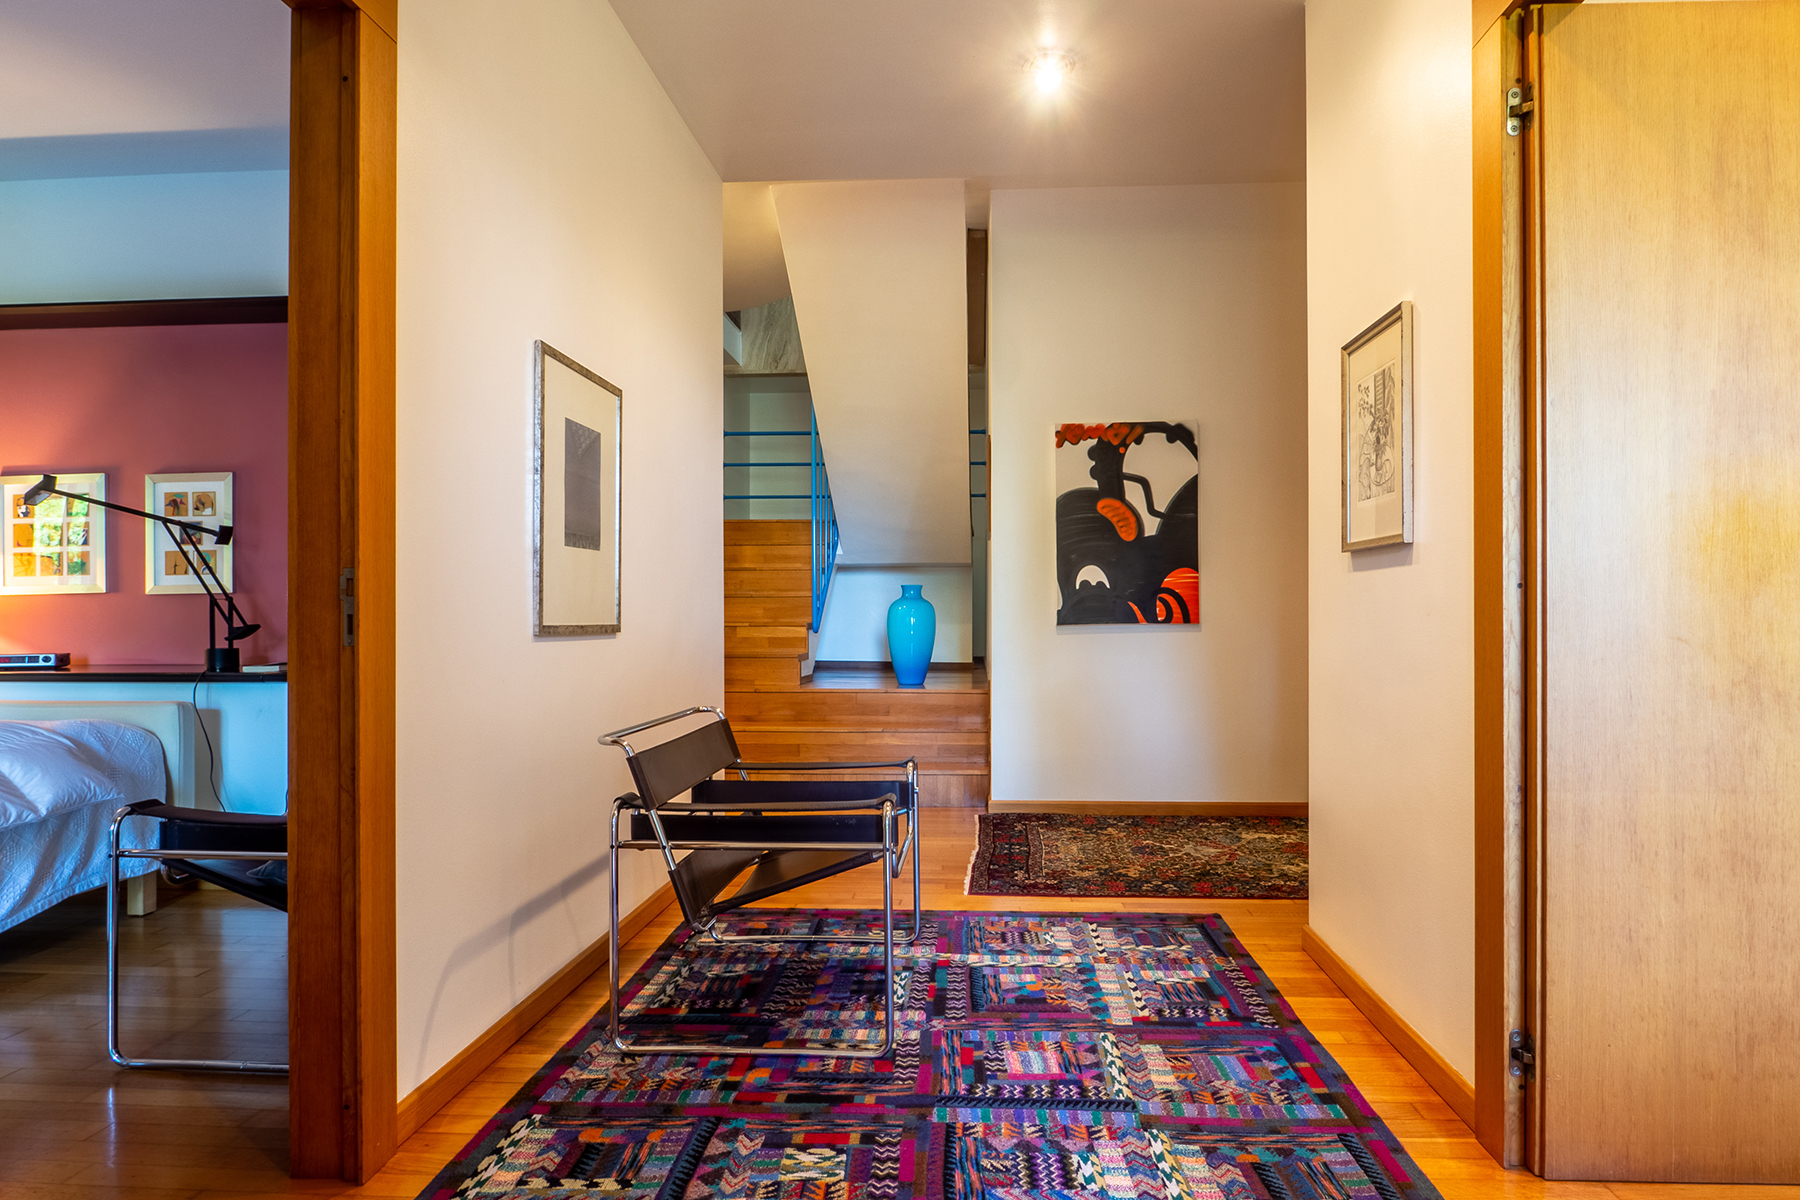 Casa indipendente in Vendita a Rosignano Monferrato: 5 locali, 290 mq - Foto 20